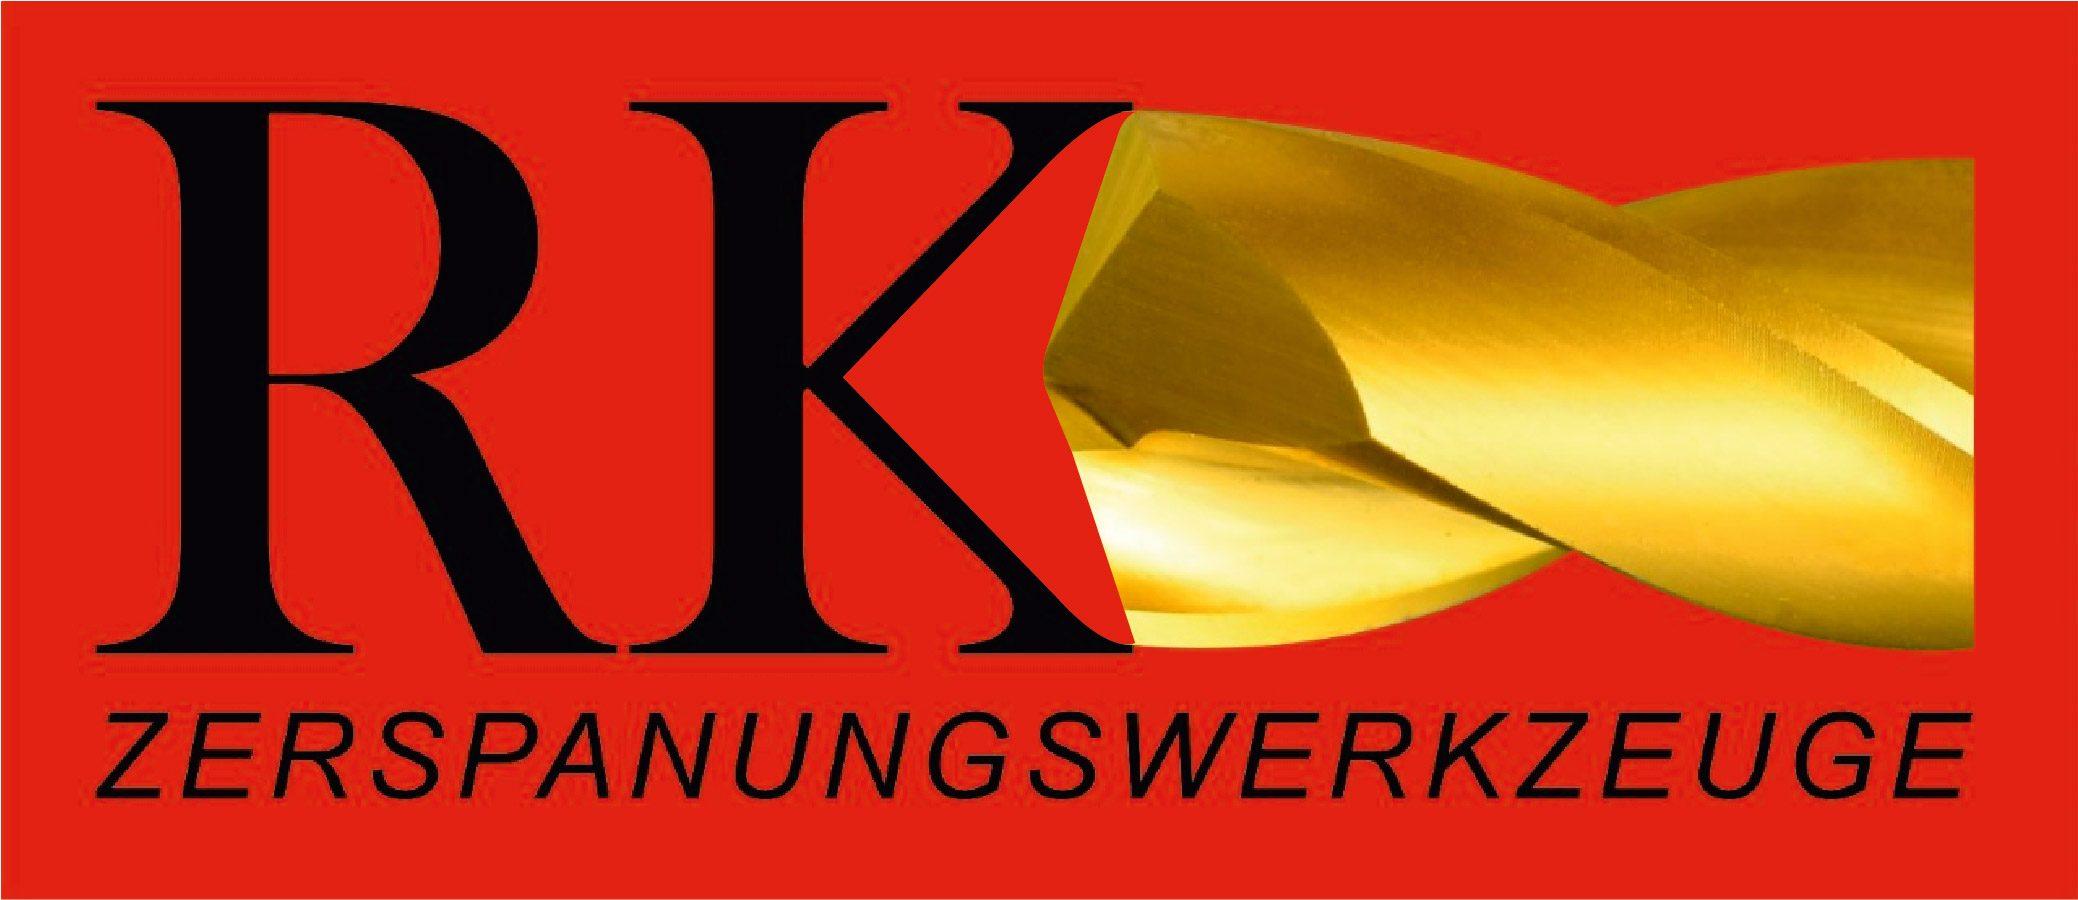 RK-Zerspannungswerkzeuge